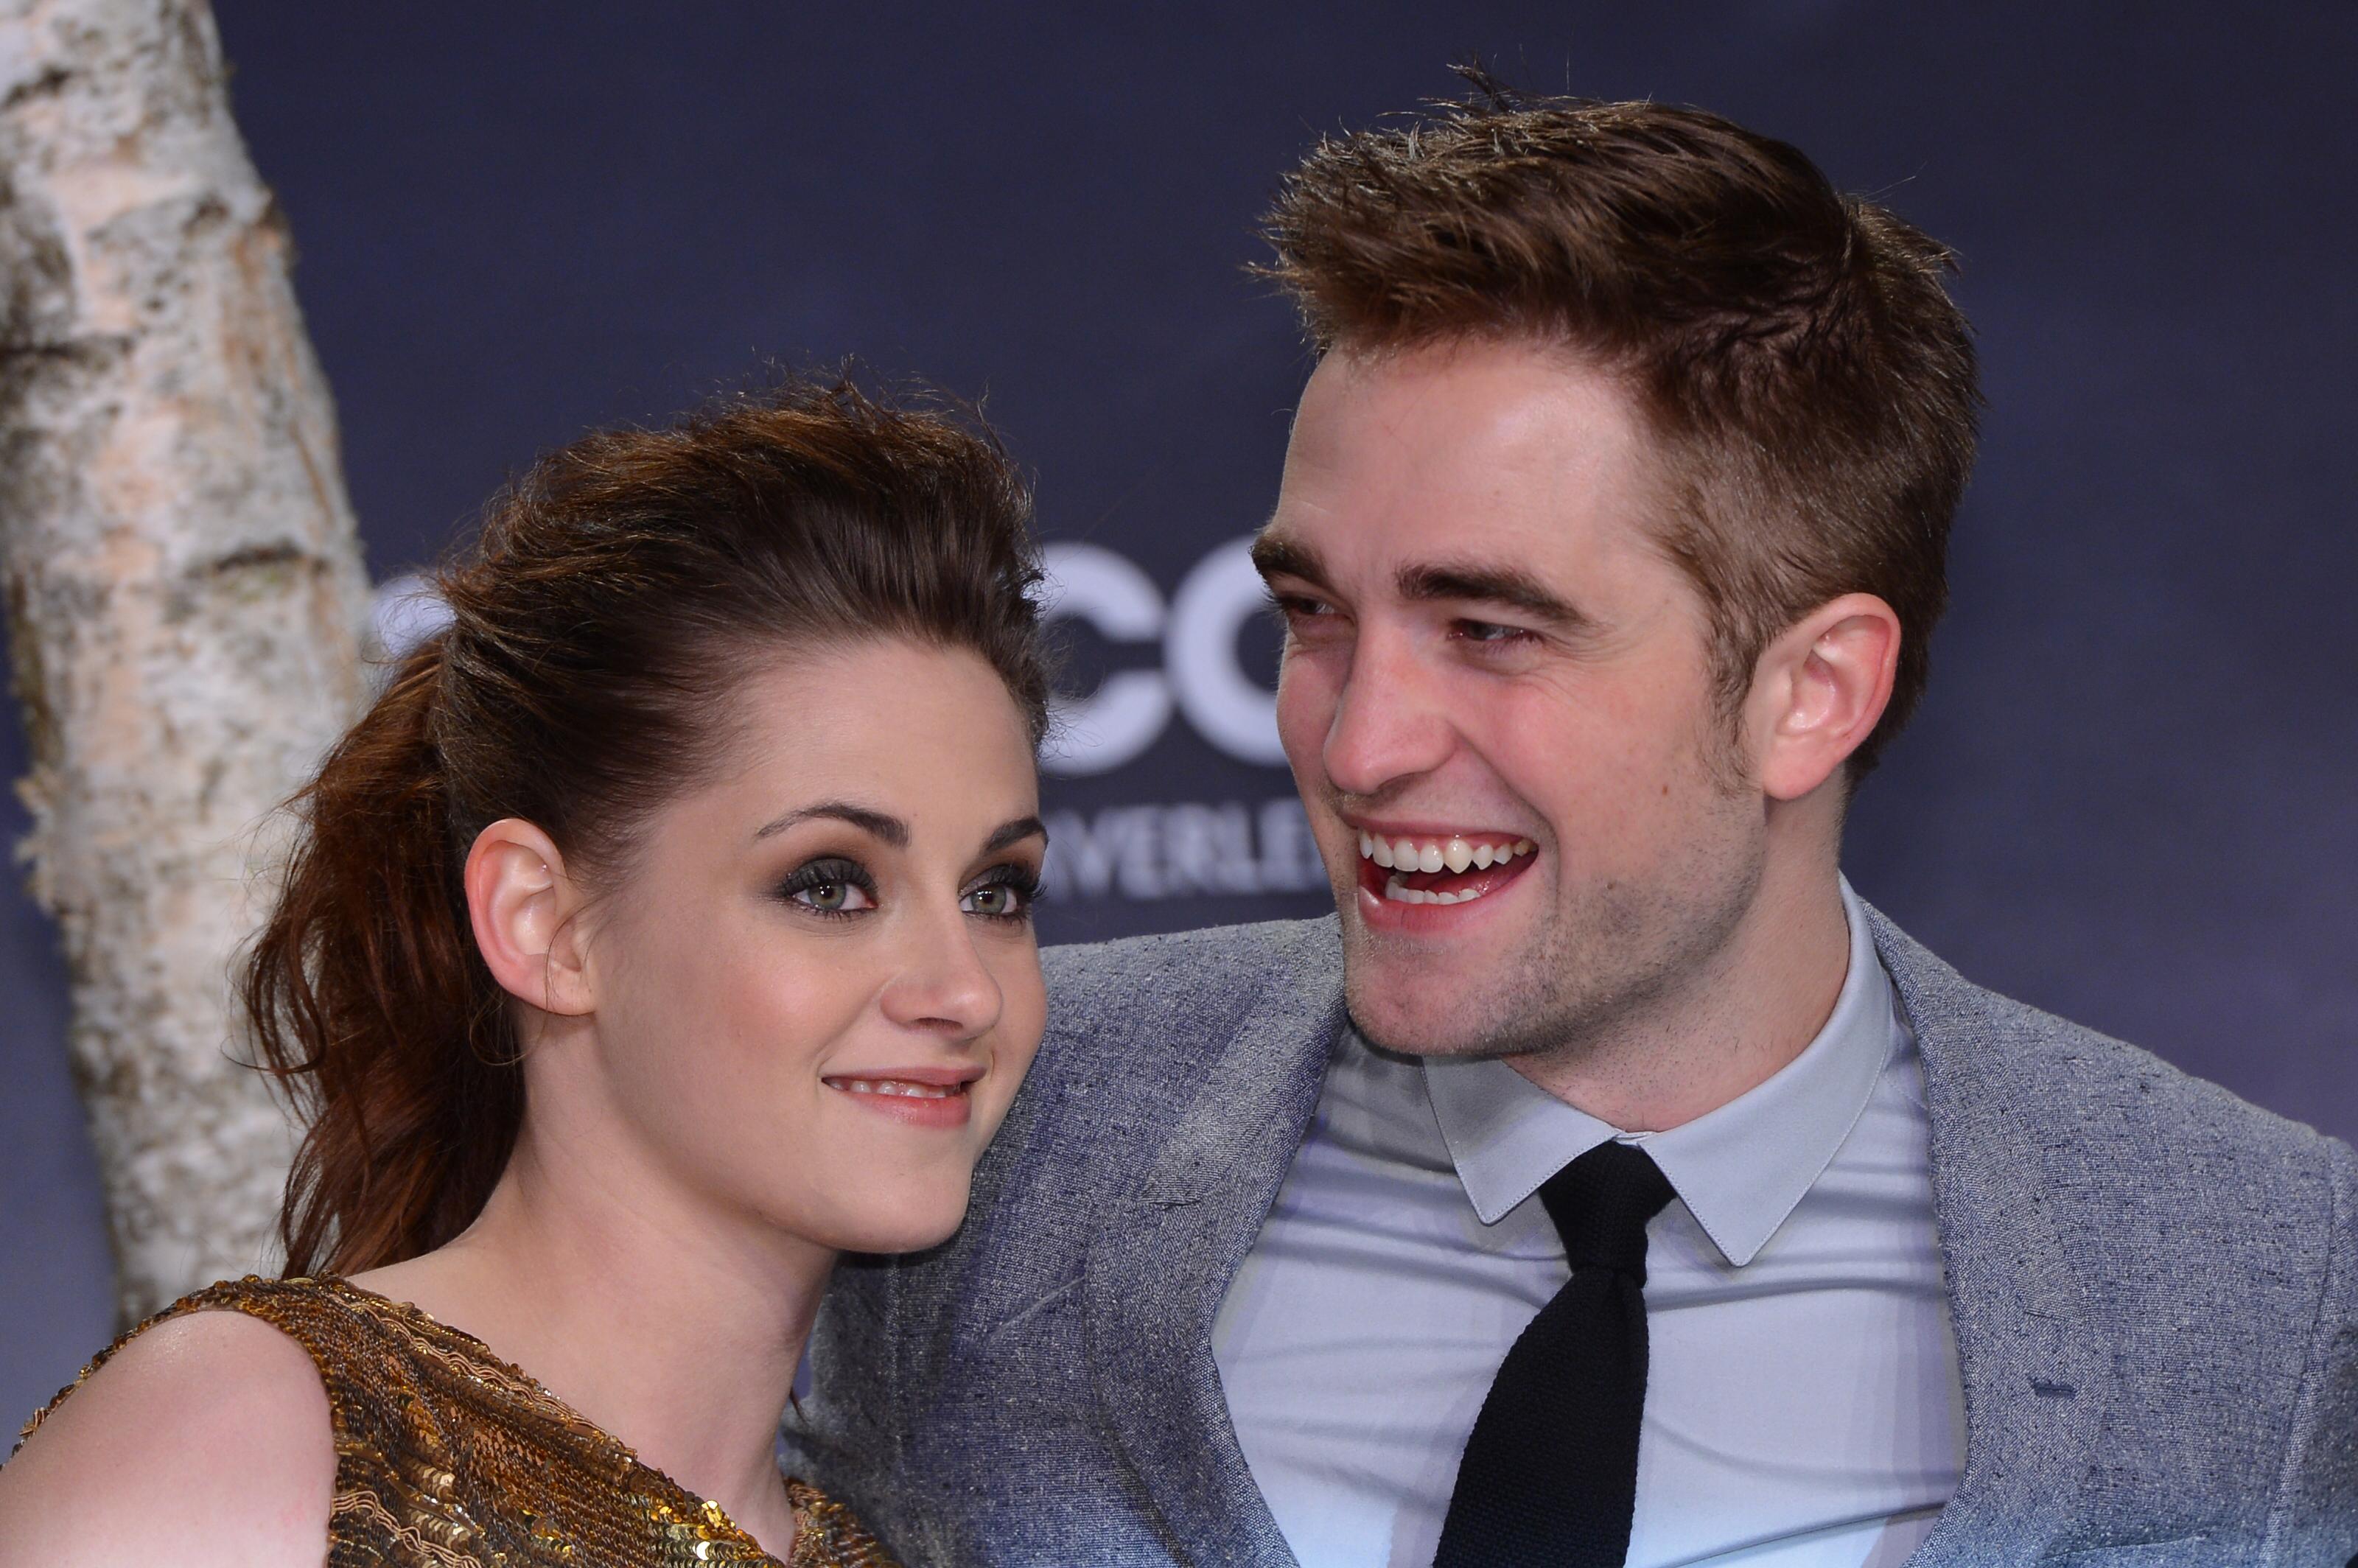 Robert Pattinson and Kristen Stewart at Twilight: Breaking Dawn Part 2 premiere